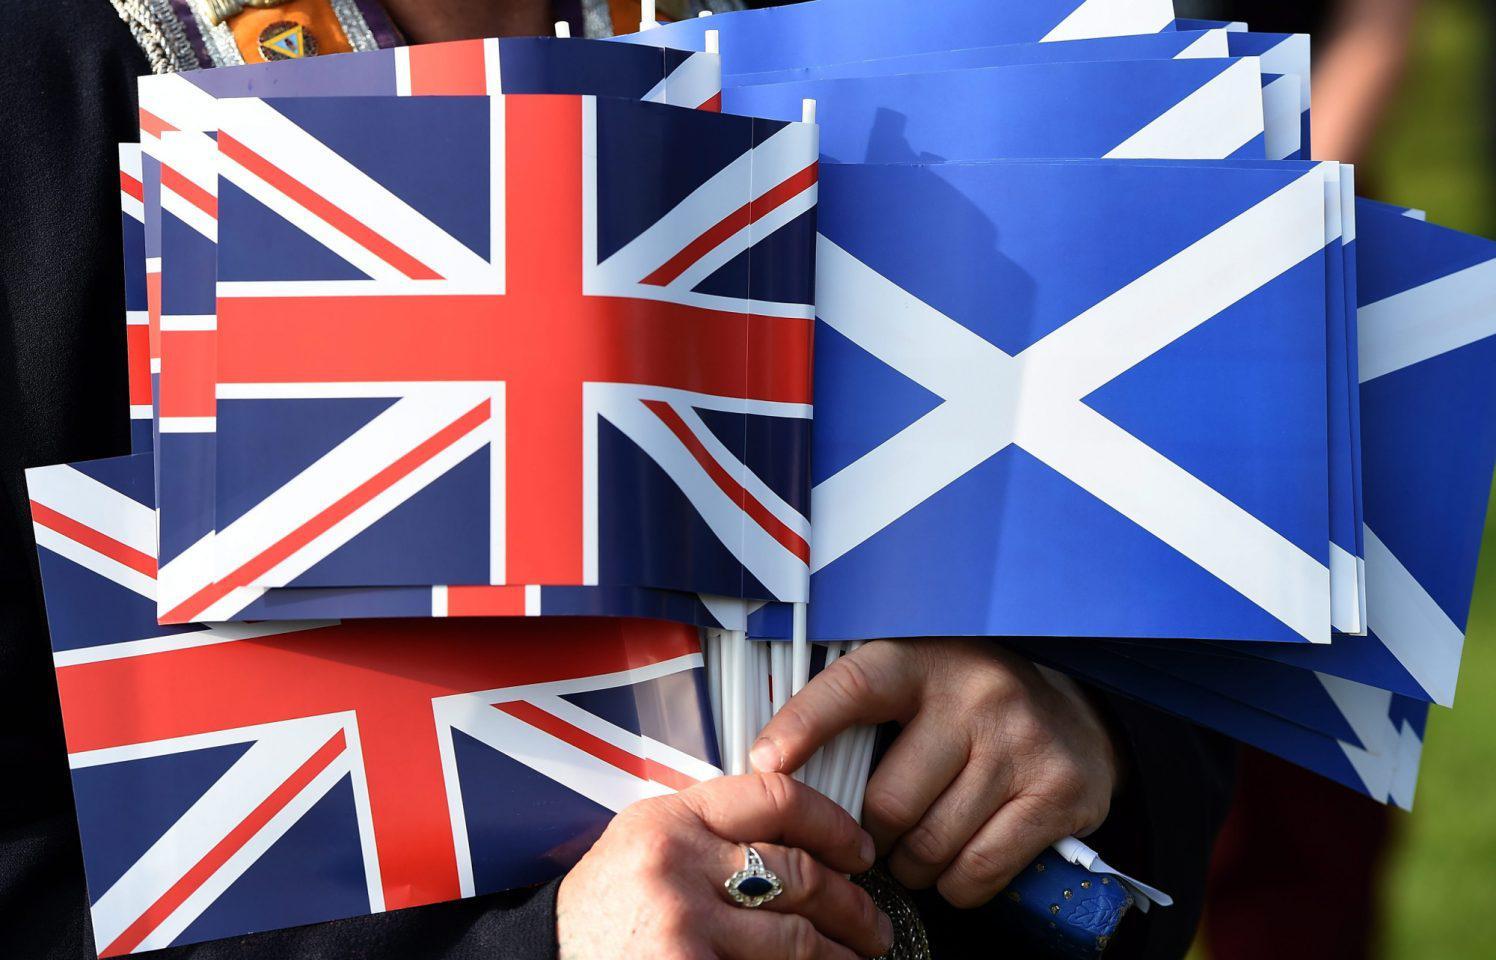 Νέο αποσχιστικό δημοψήφισμα μετά την πανδημία ζητεί η Σκωτία